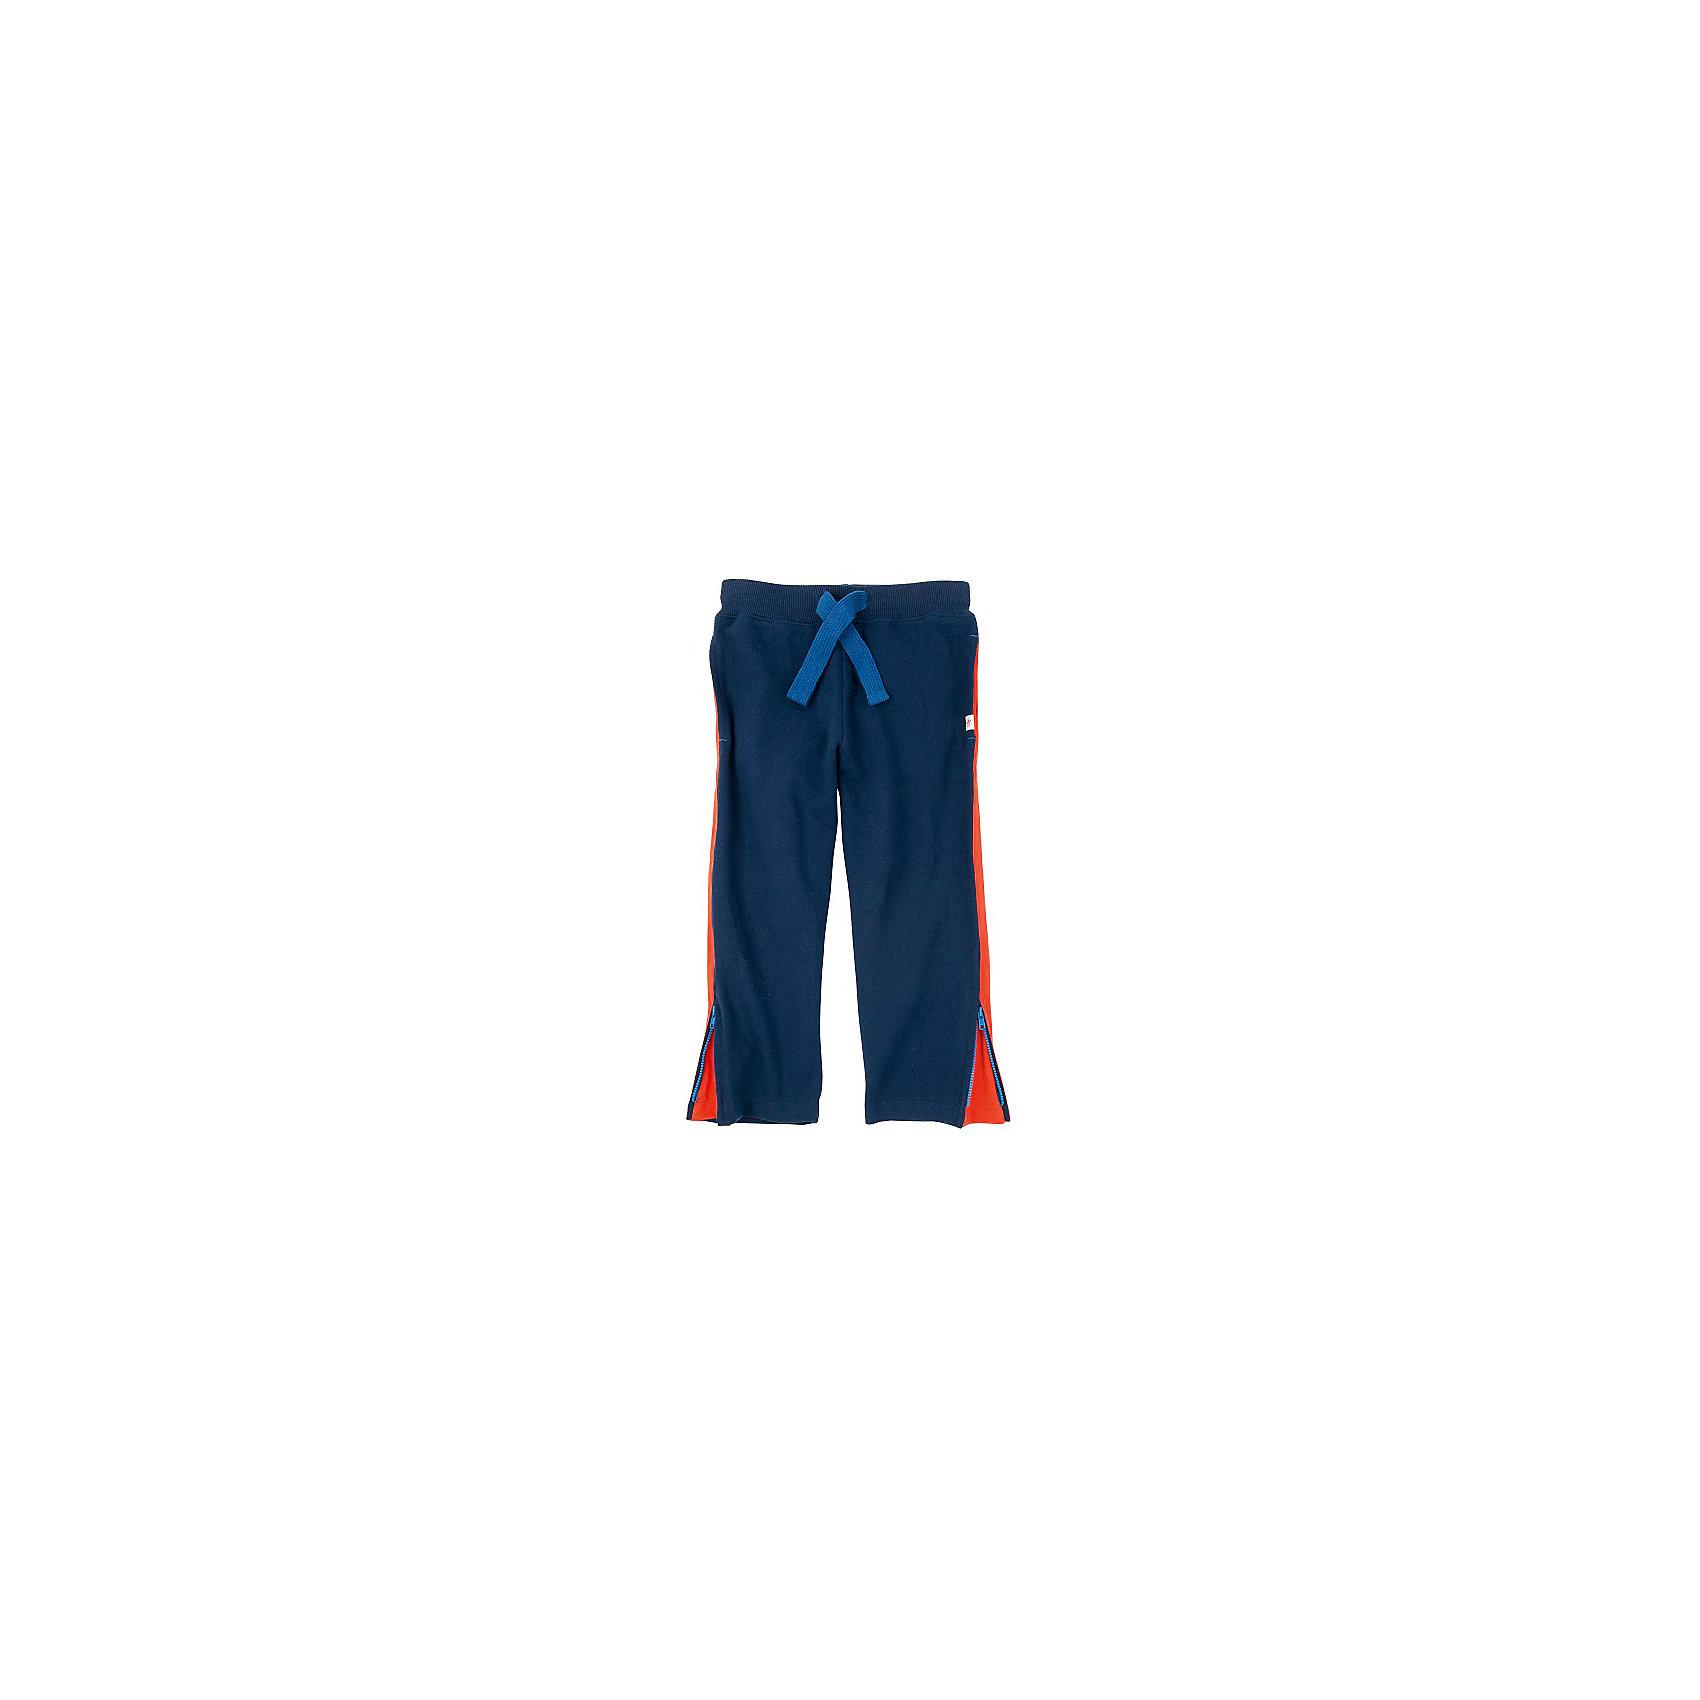 Брюки для мальчика HatleyБрюки для мальчика Hatley<br><br>Характеристики:<br><br>• Состав: 100% хлопок<br>• Цвет: синий, красный<br><br>Спортивные брюки для мальчика, сделанные из натурального материала. Очень удобные, не стягивающие брючки, имеют дополнительное пространство на молнии внизу. Подойдут для носки сверху спортивной обуви или роликовых коньков. Утягиваются веревочкой сверху. Резинка мягкая, не сдавливает живот.<br><br>Брюки для мальчика Hatley можно купить в нашем интернет-магазине.<br><br>Ширина мм: 215<br>Глубина мм: 88<br>Высота мм: 191<br>Вес г: 336<br>Цвет: синий<br>Возраст от месяцев: 36<br>Возраст до месяцев: 48<br>Пол: Мужской<br>Возраст: Детский<br>Размер: 104,92,122,128,110,116,98<br>SKU: 5020573